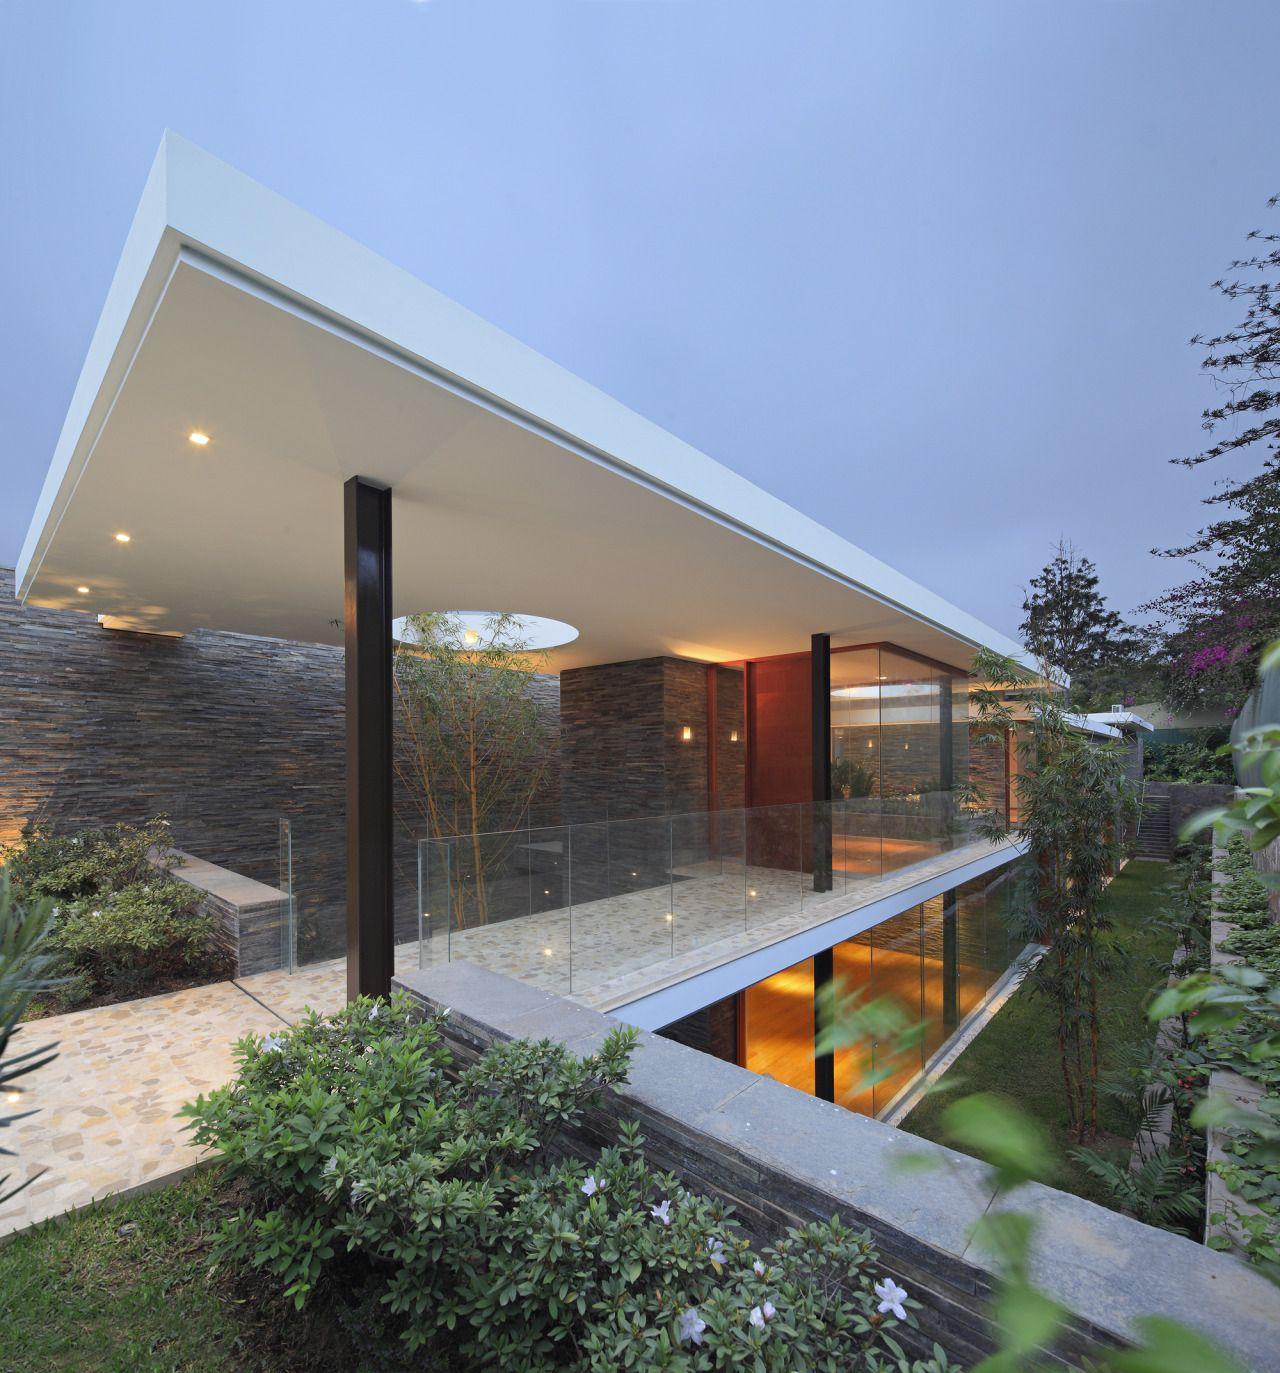 Pin von Donald A auf Architecture | Pinterest